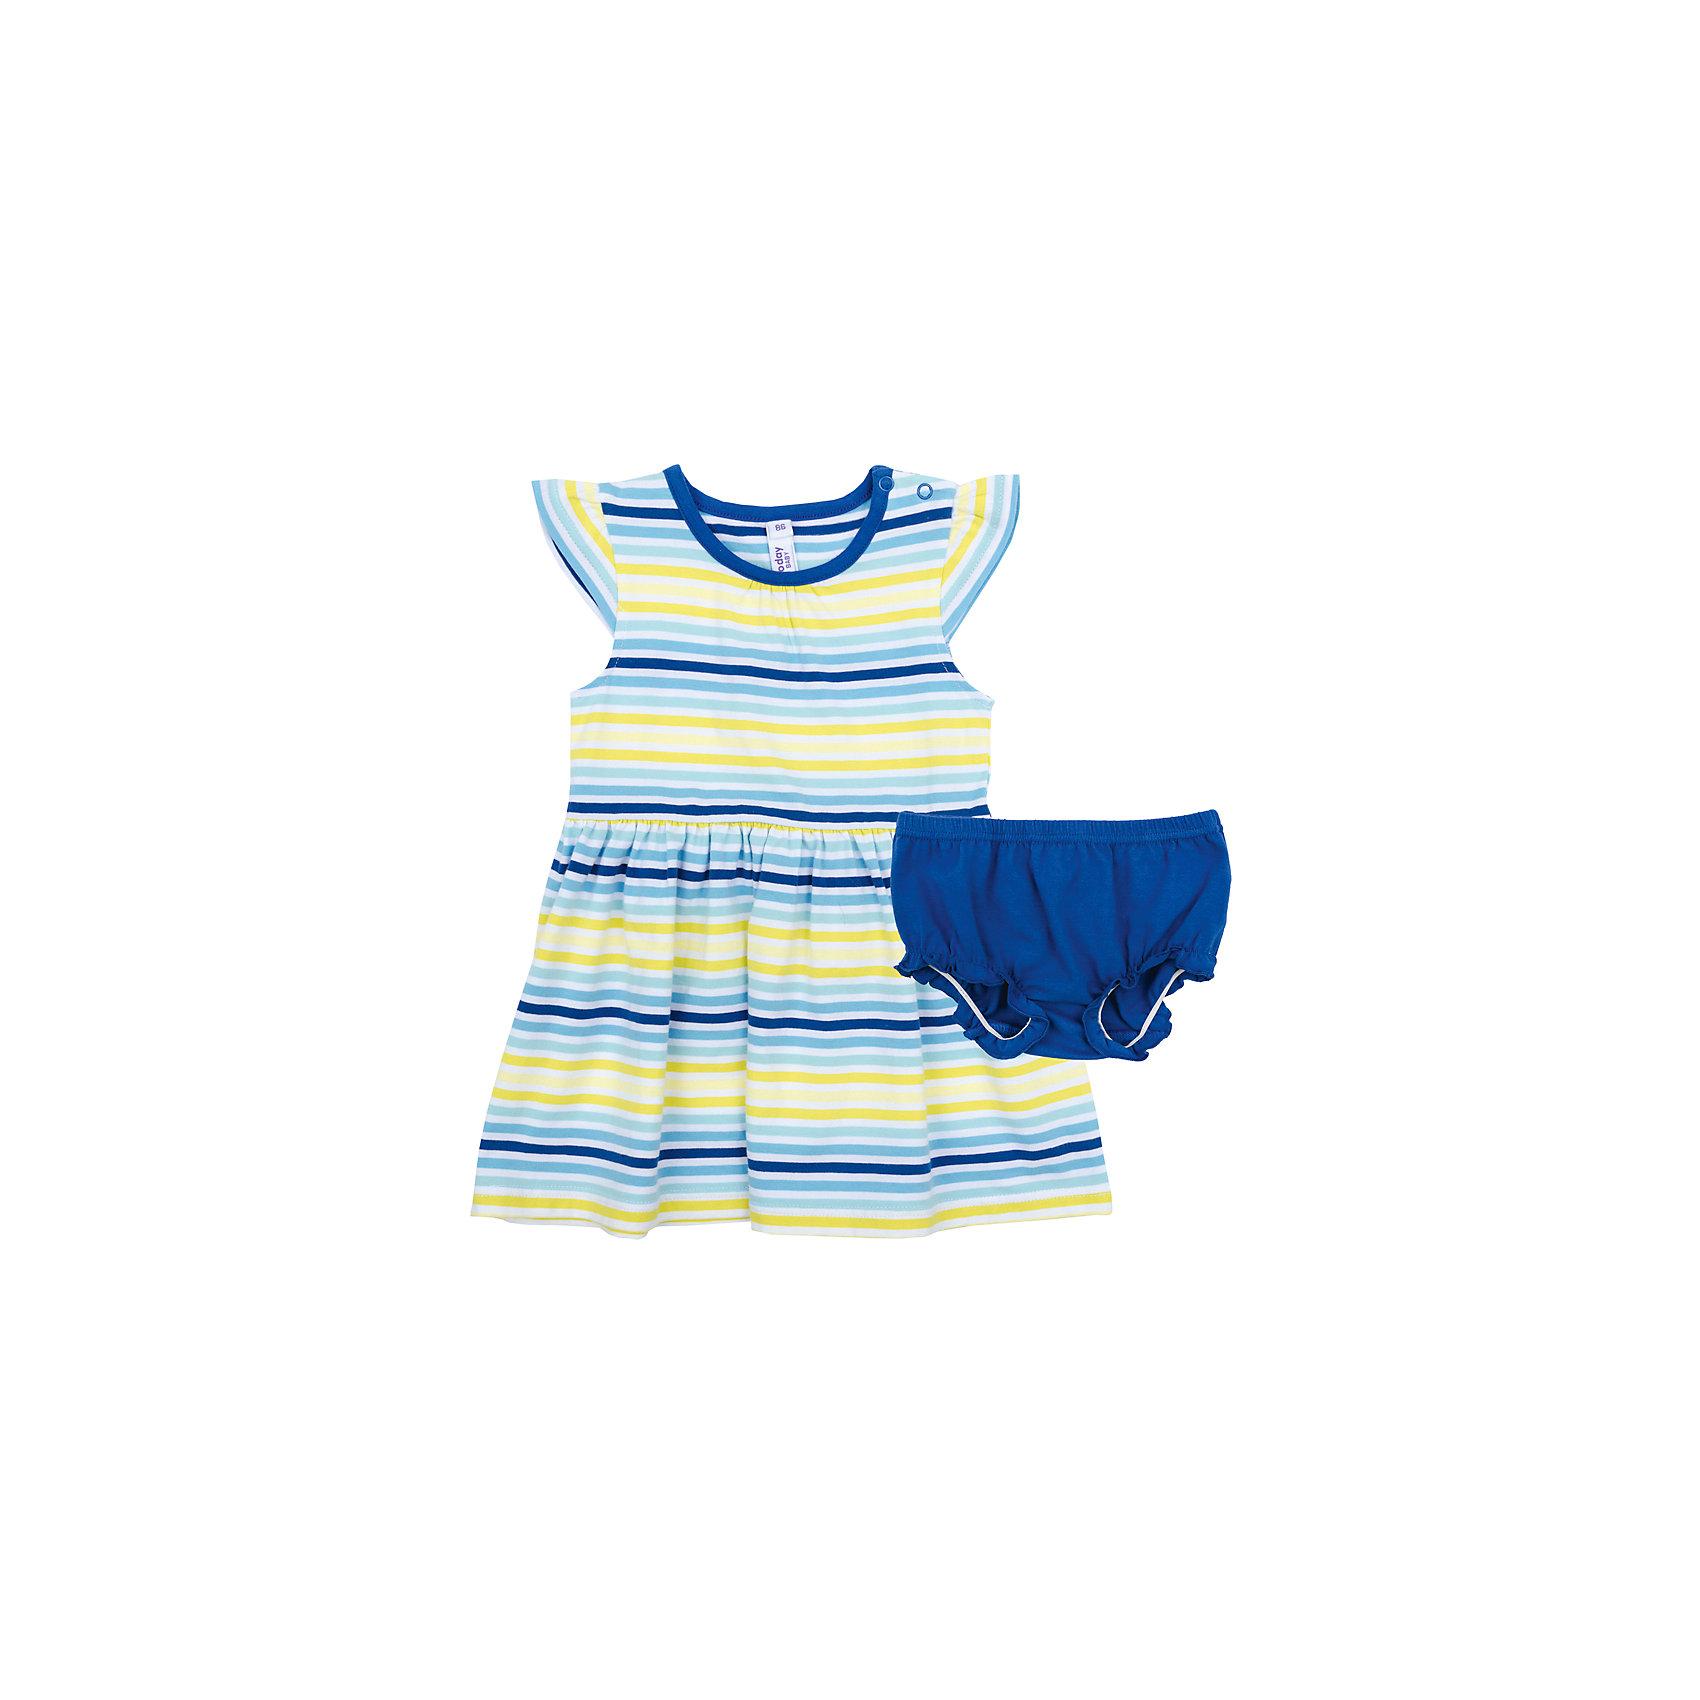 Комплект для девочки PlayTodayКомплекты<br>Комплект для девочки PlayToday<br>Платье, отрезное по талии, с округлым вырезом у горловины, понравится Вашей моднице.  Свободный крой не сковывает движений. Приятная на ощупь ткань не раздражает нежную кожу ребенка. Модель на рукавах декорирована небольшими оборками, что создает эффект крылышекПреимущества: Мягкая ткань не вызывает раздраженийСвободный крой не сковывает движений ребенка<br>Состав:<br>95% хлопок, 5% эластан<br><br>Ширина мм: 236<br>Глубина мм: 16<br>Высота мм: 184<br>Вес г: 177<br>Цвет: разноцветный<br>Возраст от месяцев: 18<br>Возраст до месяцев: 24<br>Пол: Женский<br>Возраст: Детский<br>Размер: 92,74,80,86<br>SKU: 5408358